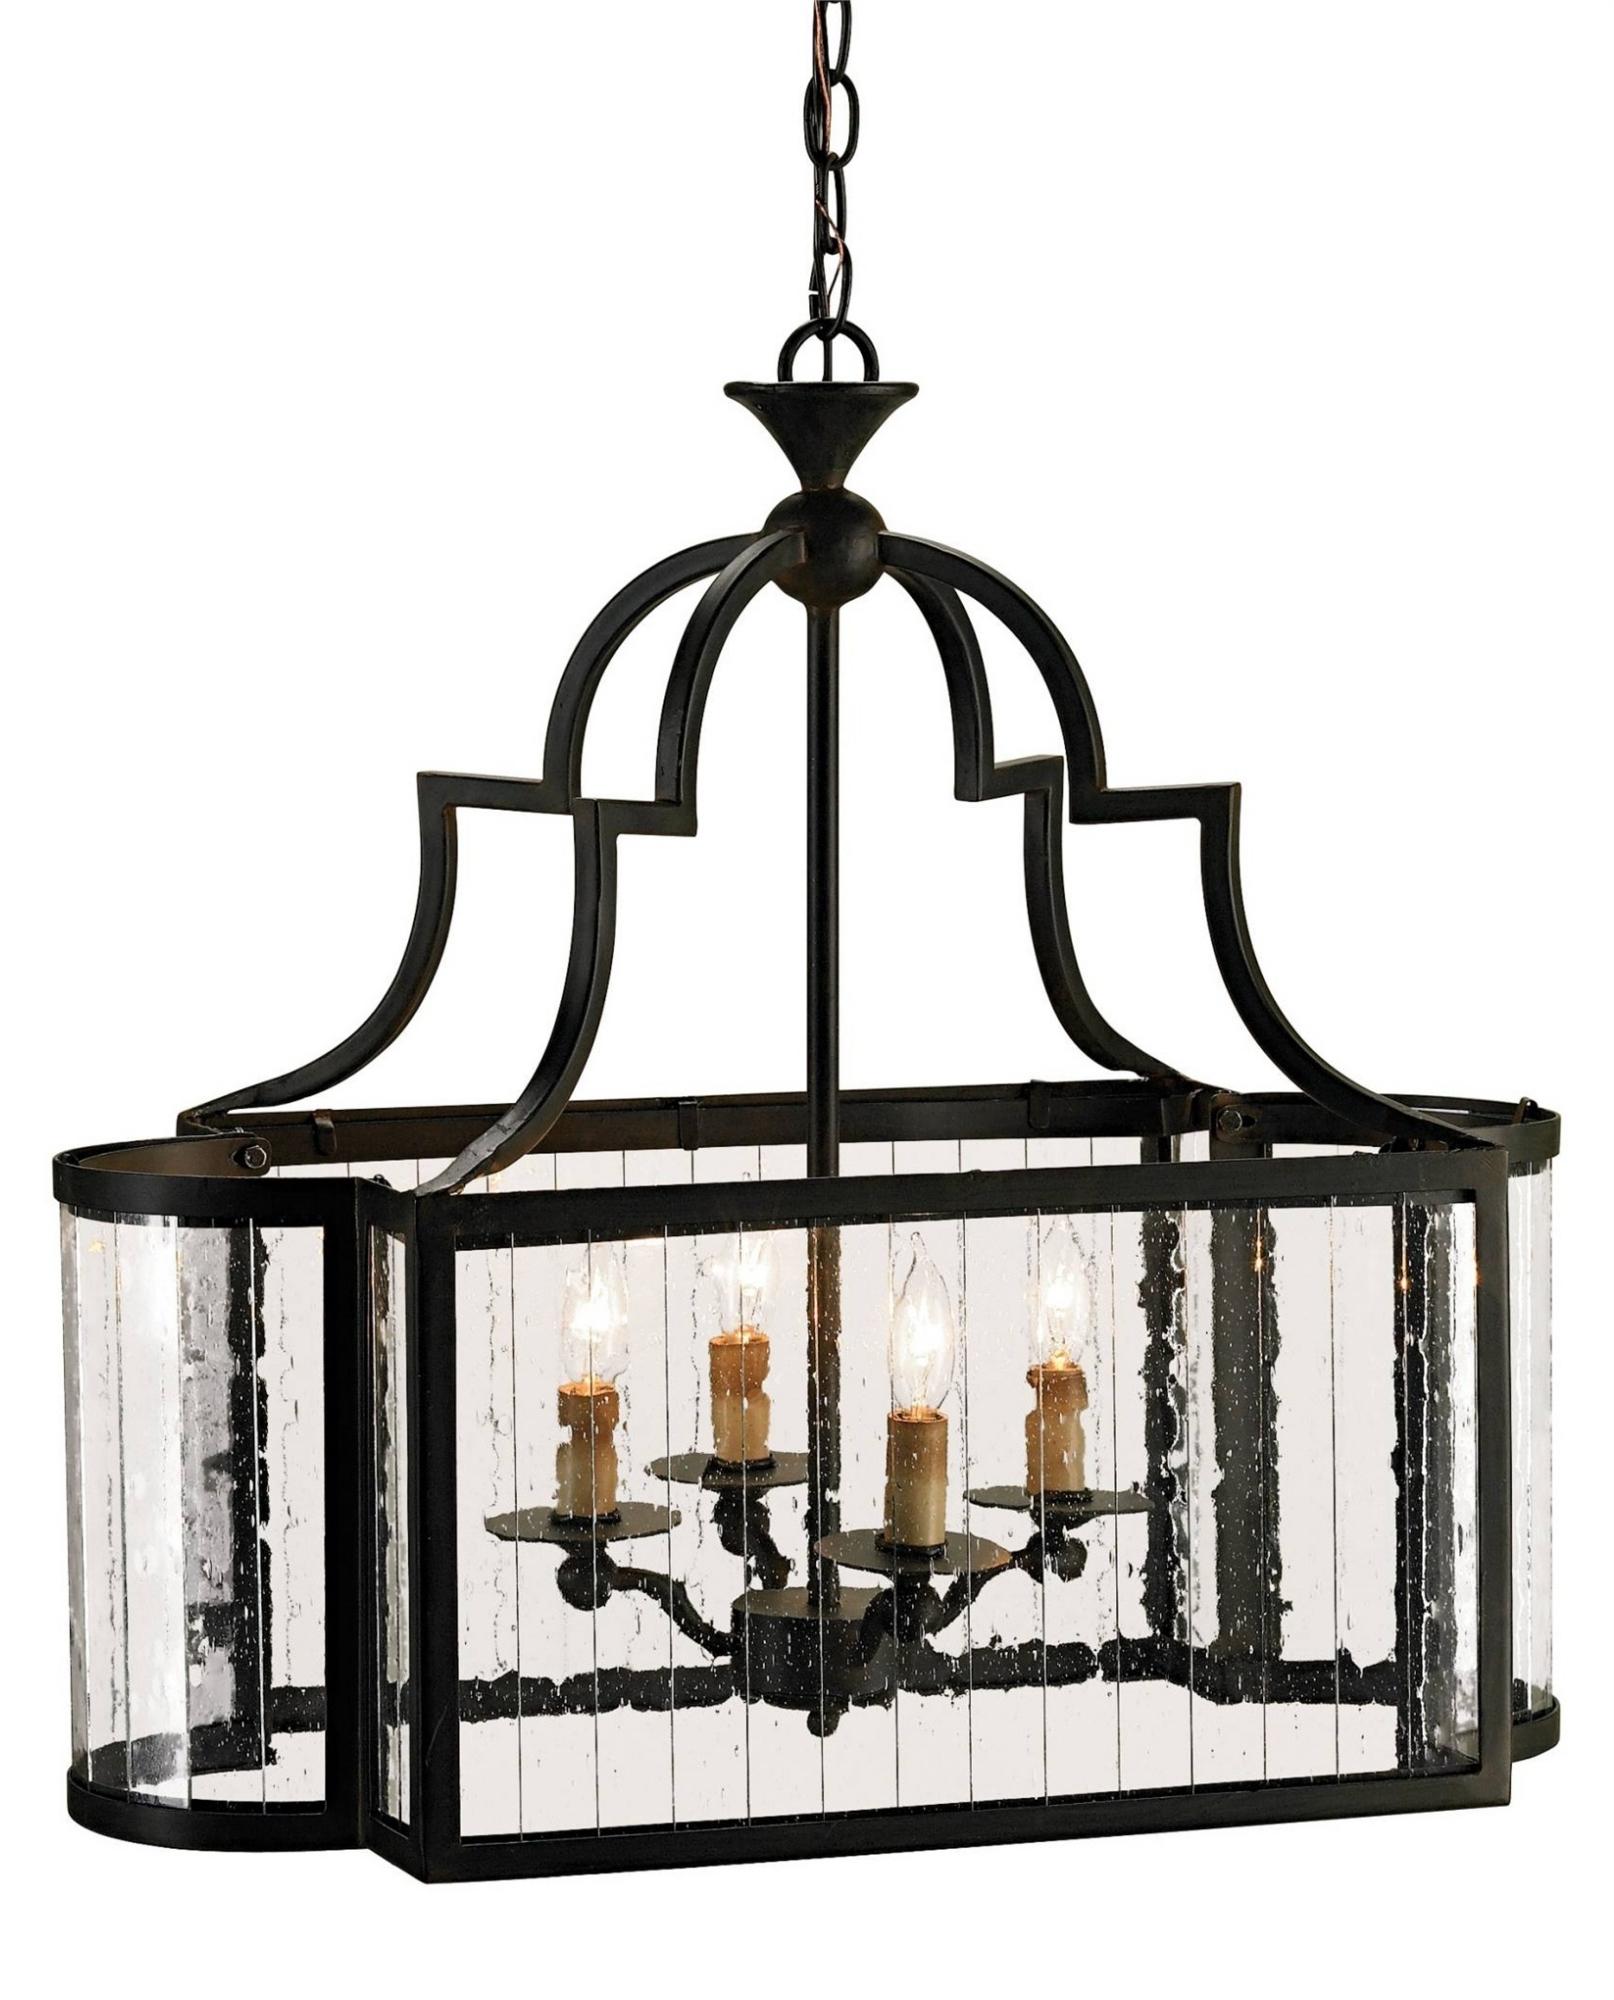 Indoor Lantern Chandelier With Regard To 2018 Chandeliers Design : Amazing Lantern Hanging Light Fixtures (View 10 of 20)